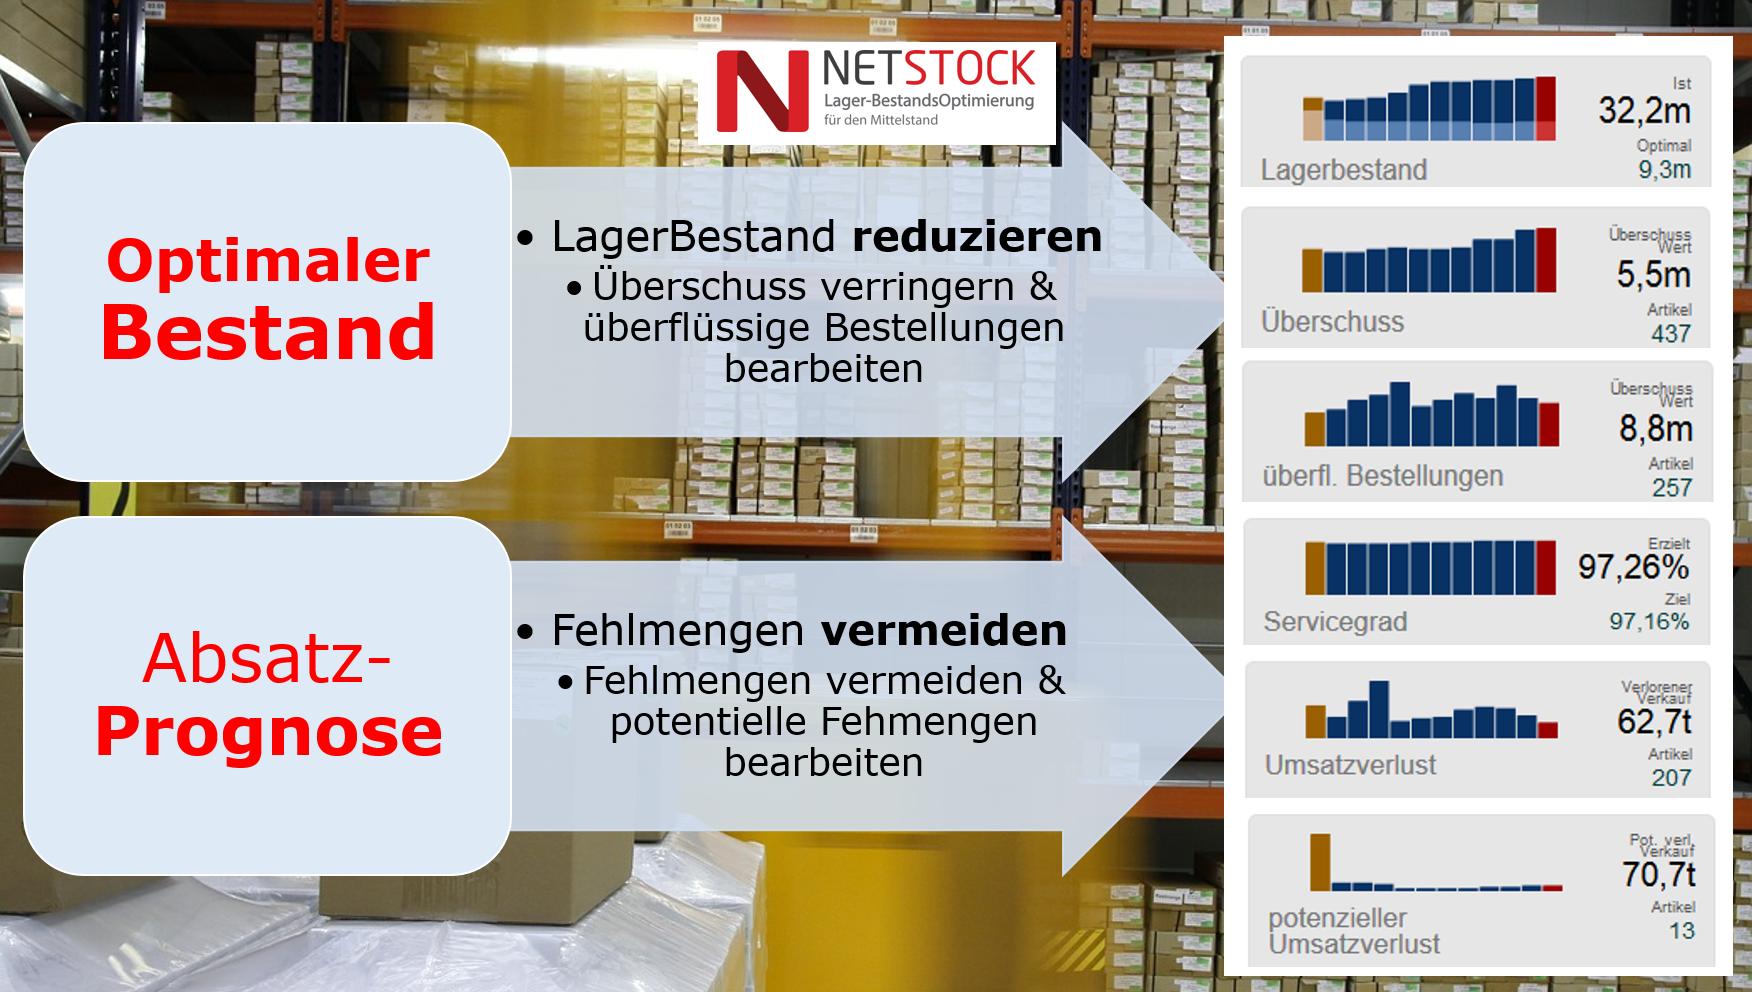 optimaler-bestand-absatzprognose-netstock-lagerbestandsoptimierung-fuer-den-mittelstand